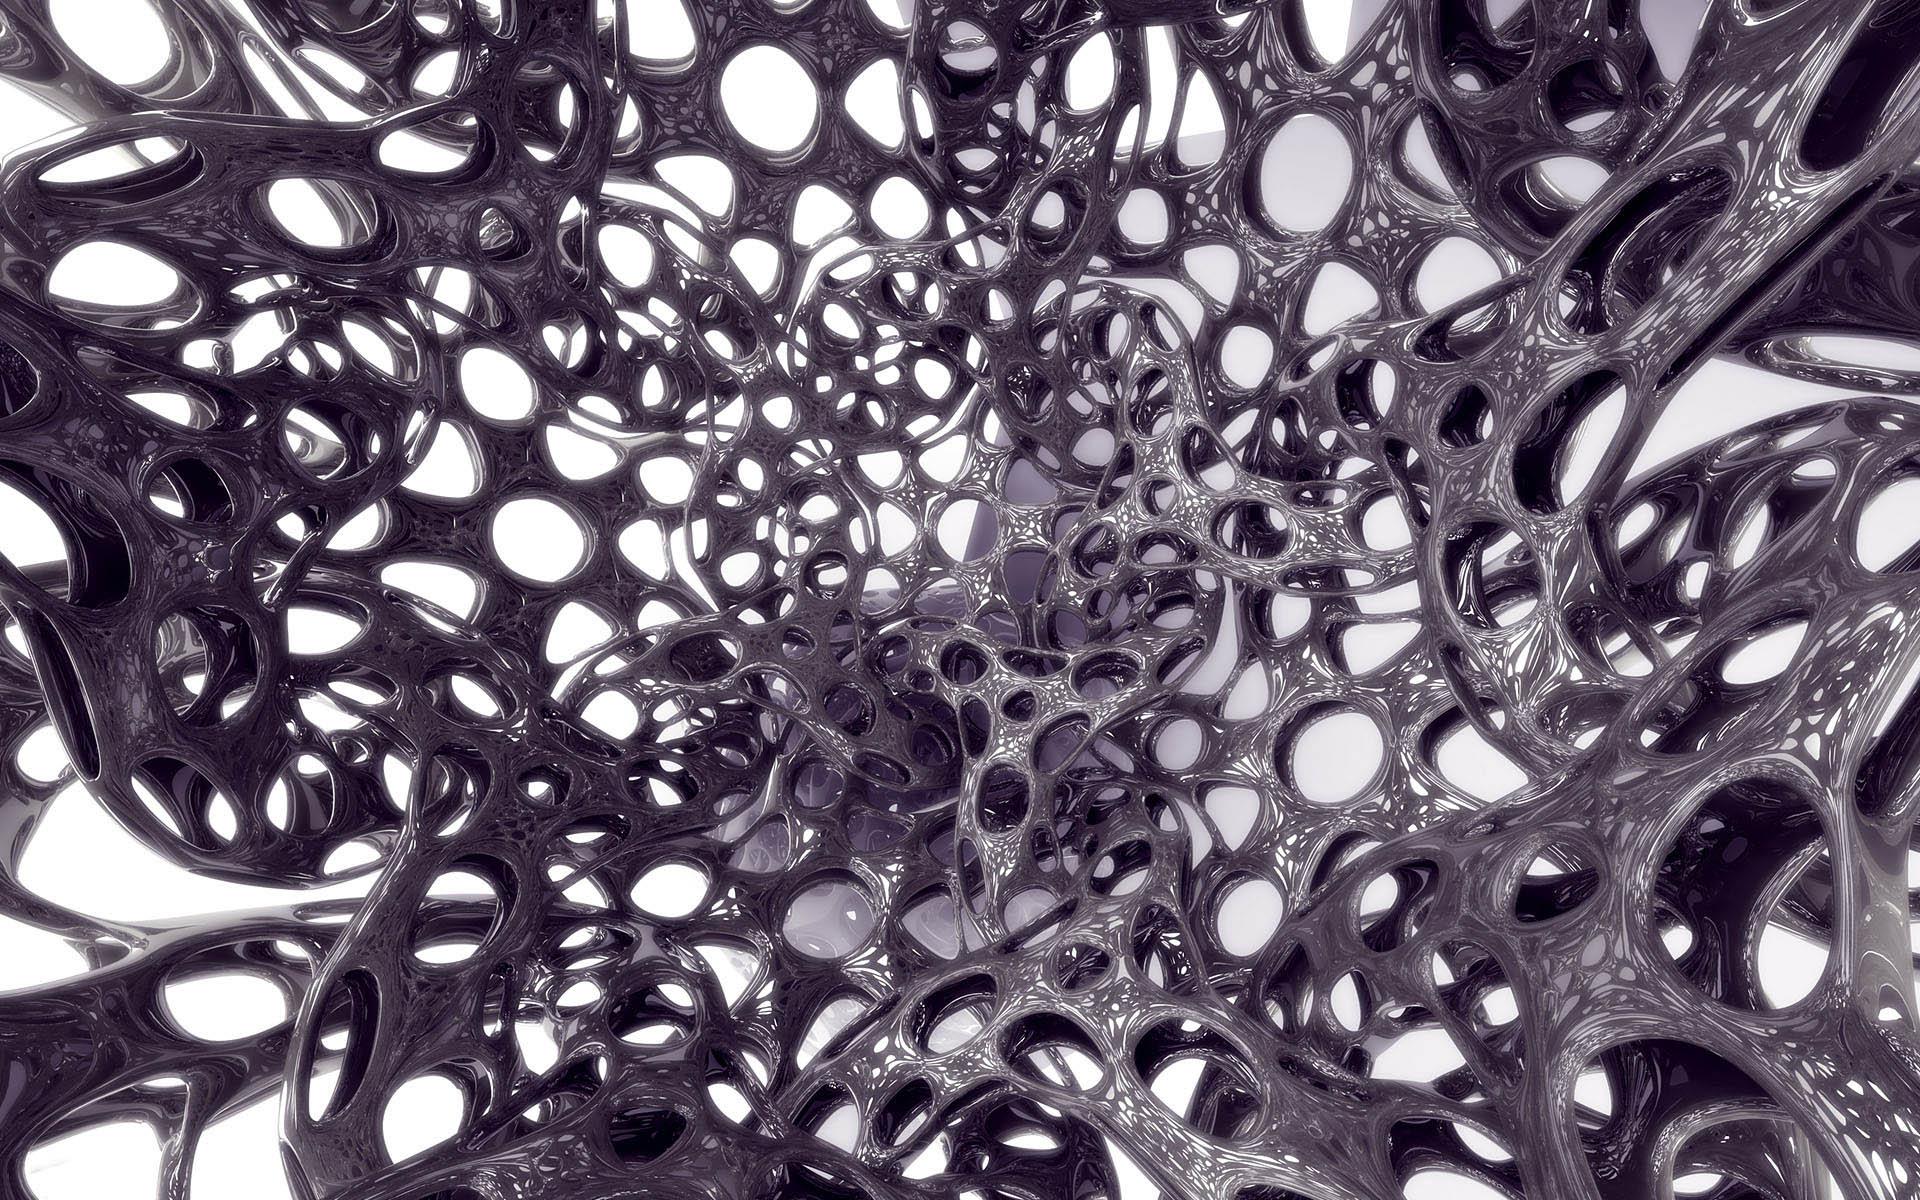 Abstrakt 3d wallpapers